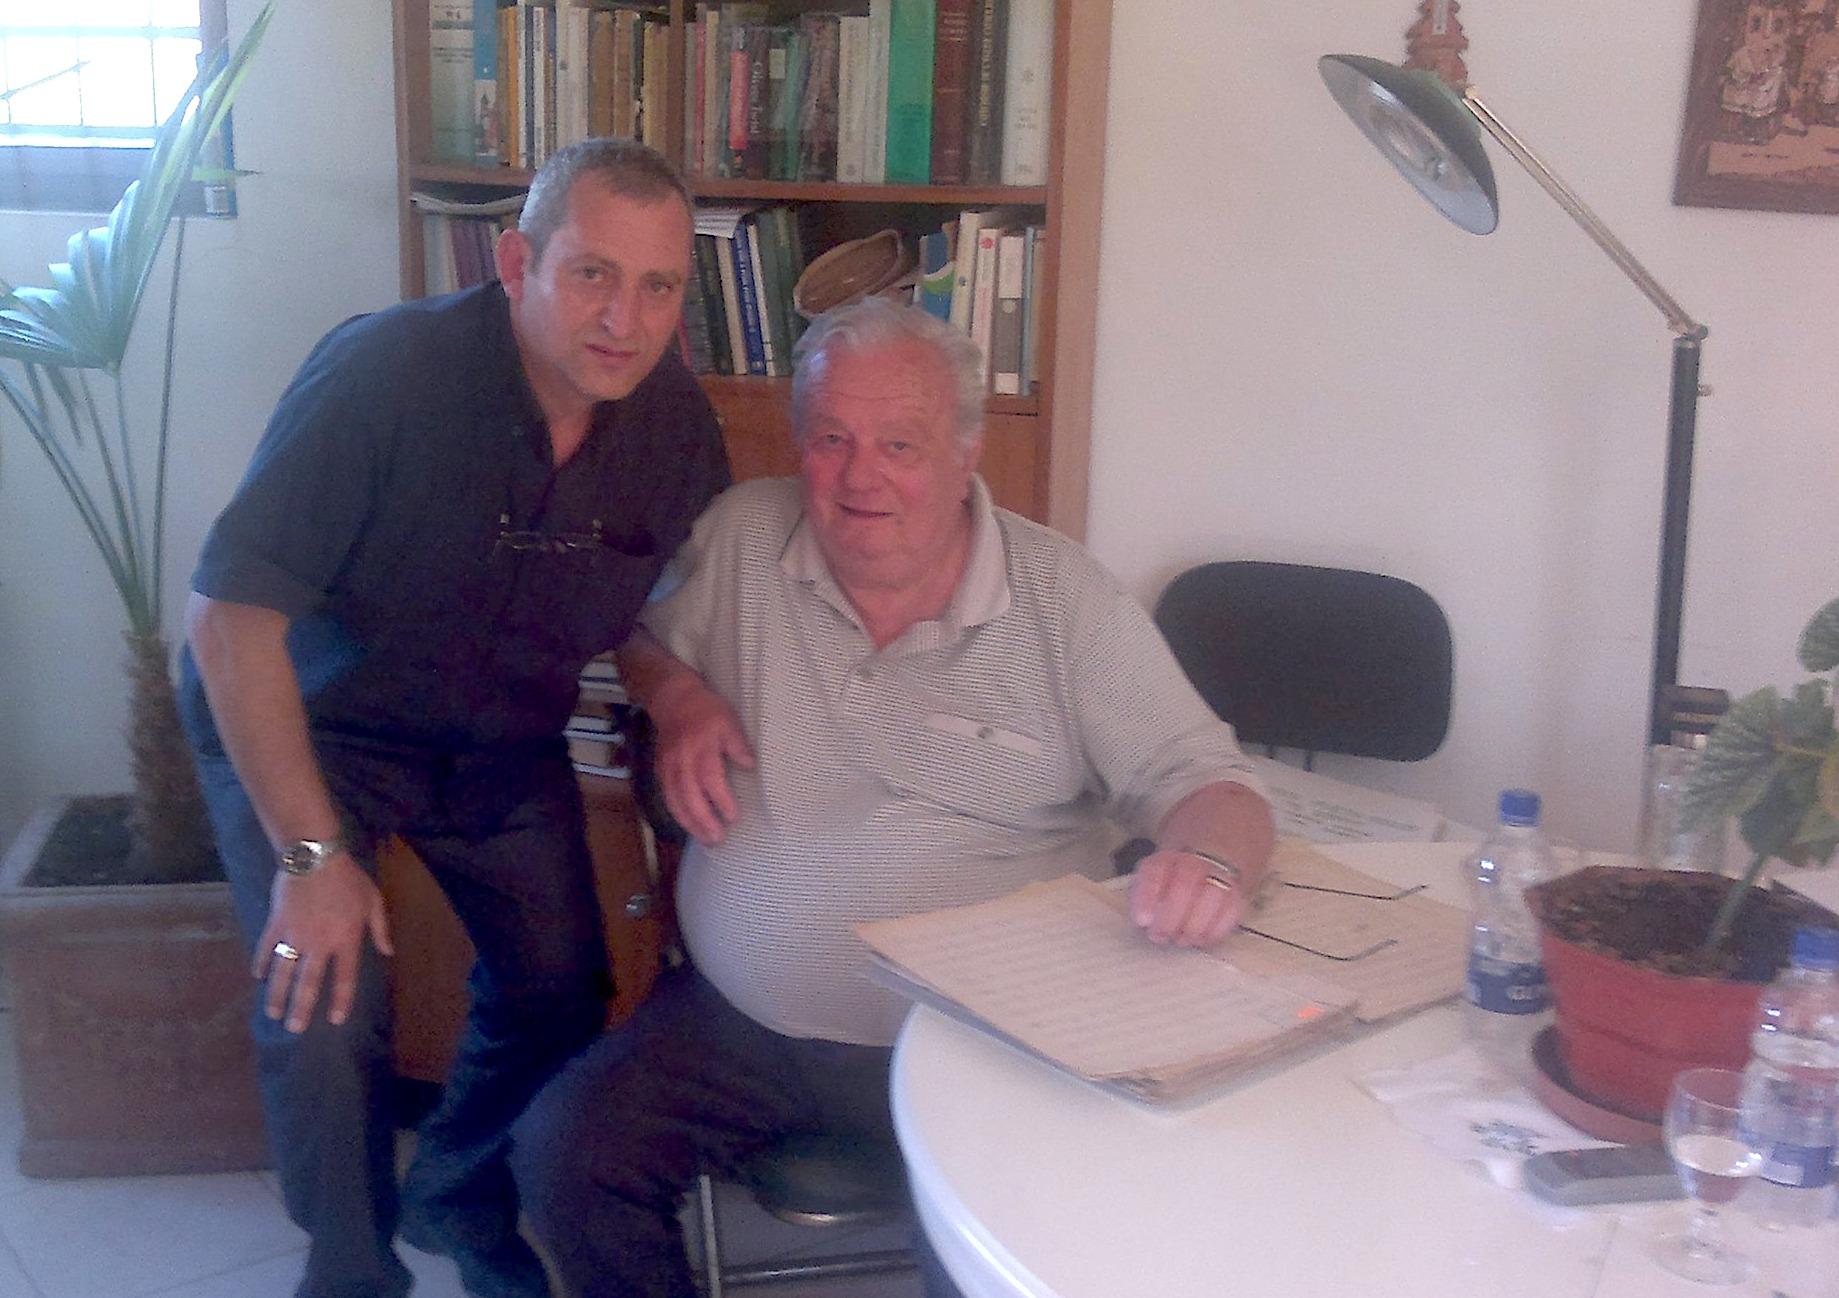 Vizitë te nipi, Albert Salvator Palok Kurti, i cili ruan arkivin e familjes Kurti.